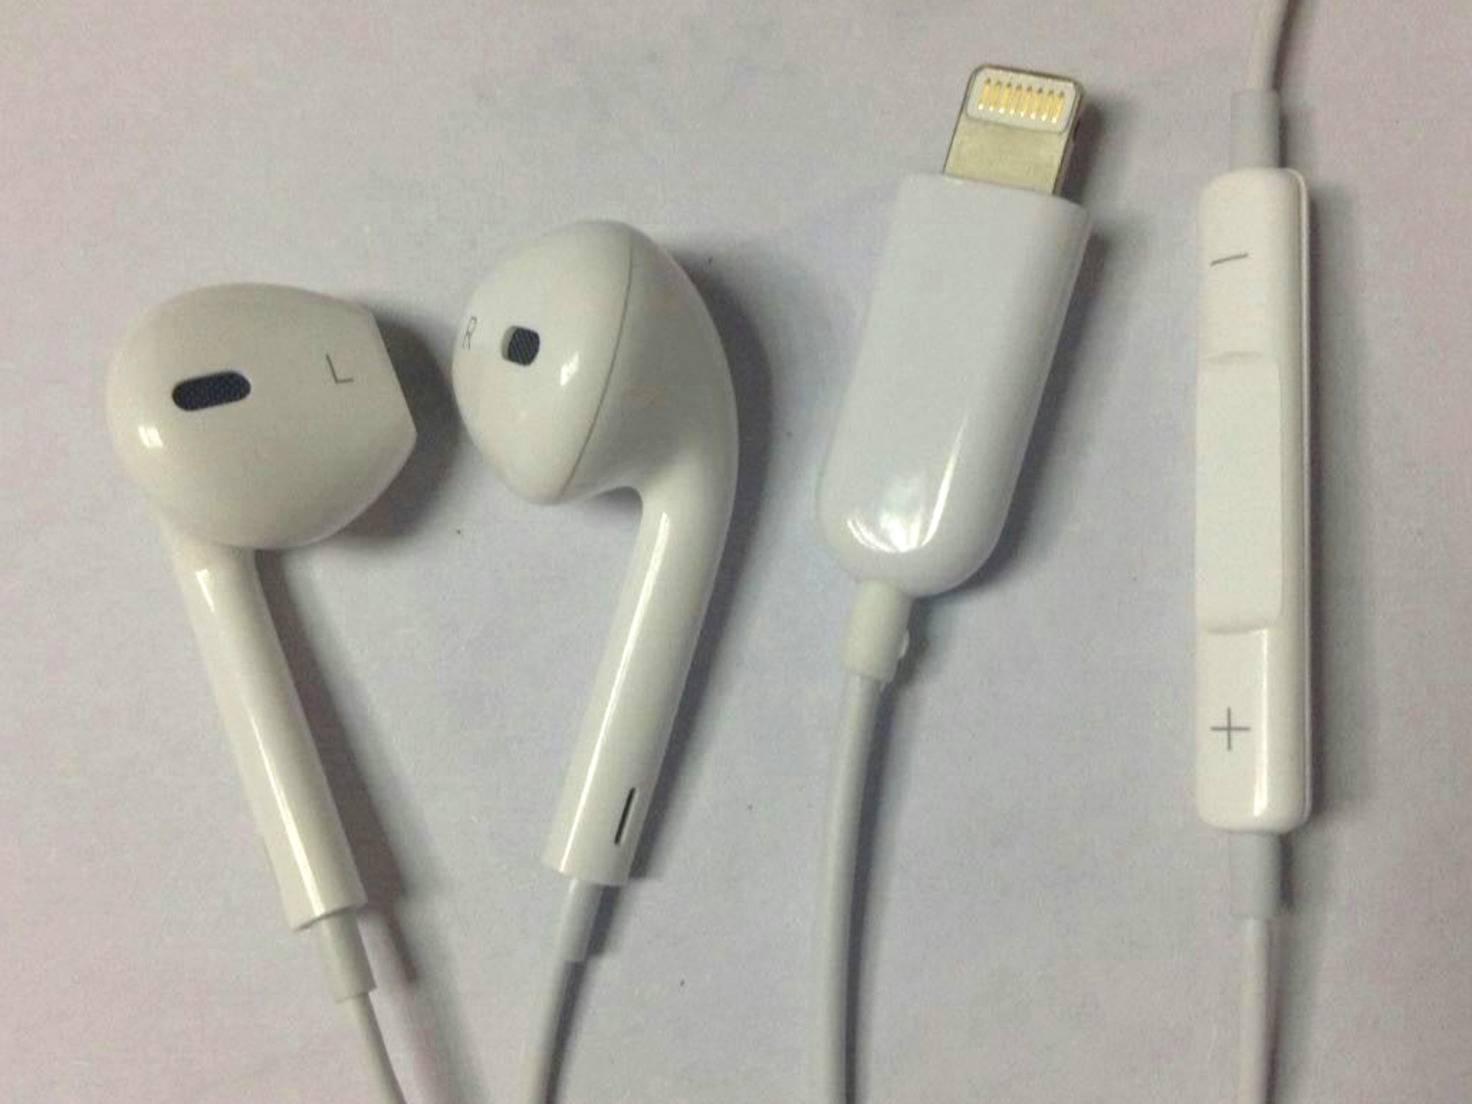 Apple Ear pods Lightning